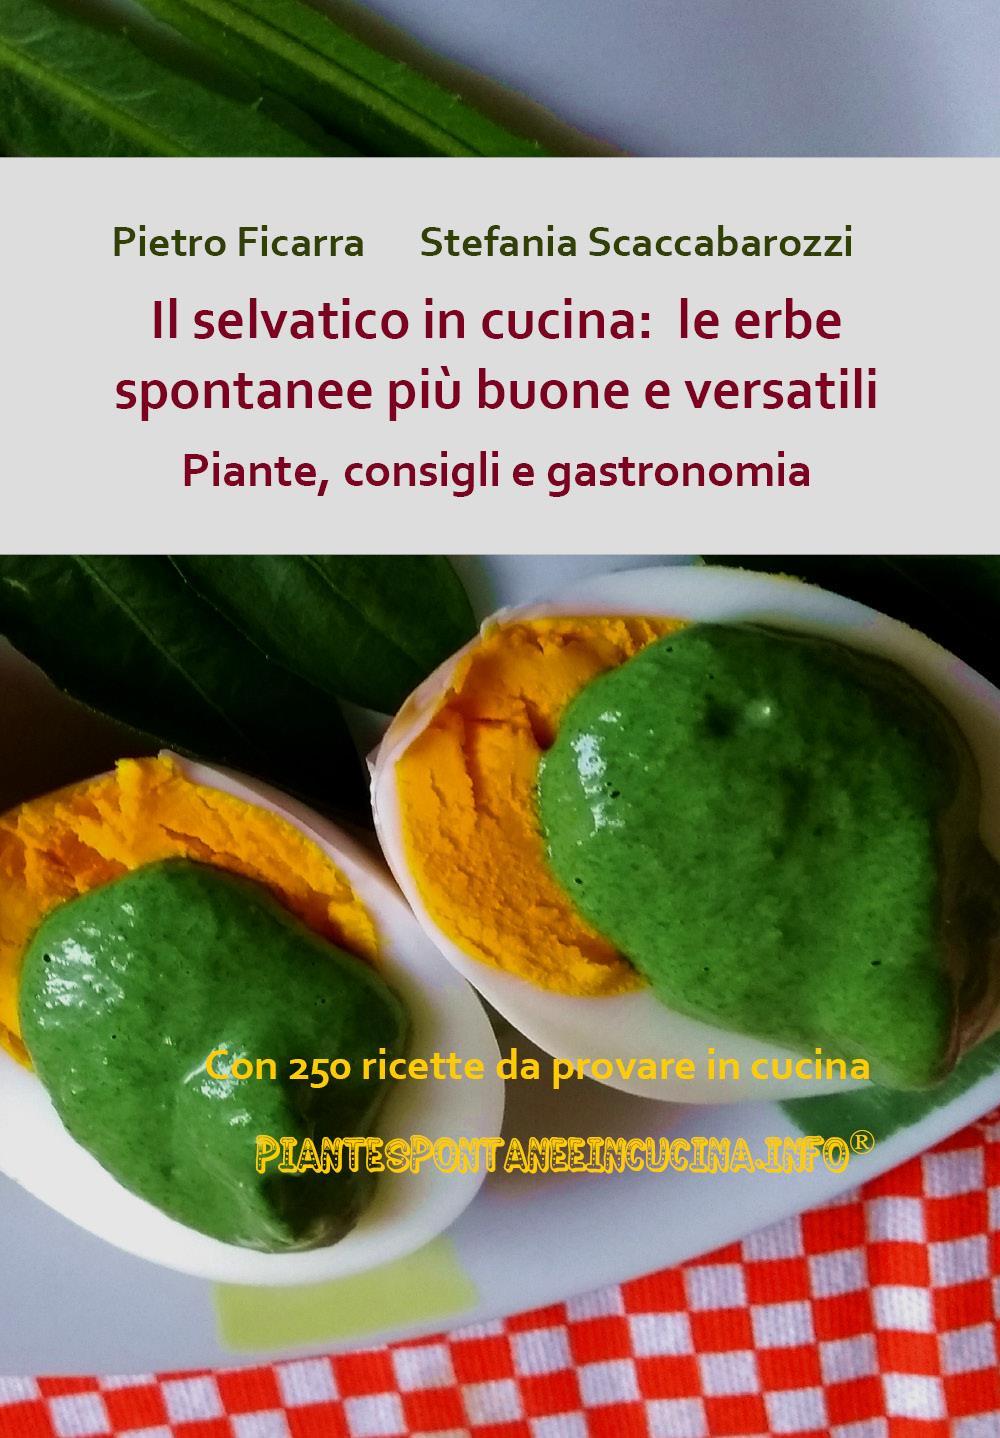 Il selvatico in cucina: le erbe spontanee più buone e versatili. Piante, consigli e gastronomia.